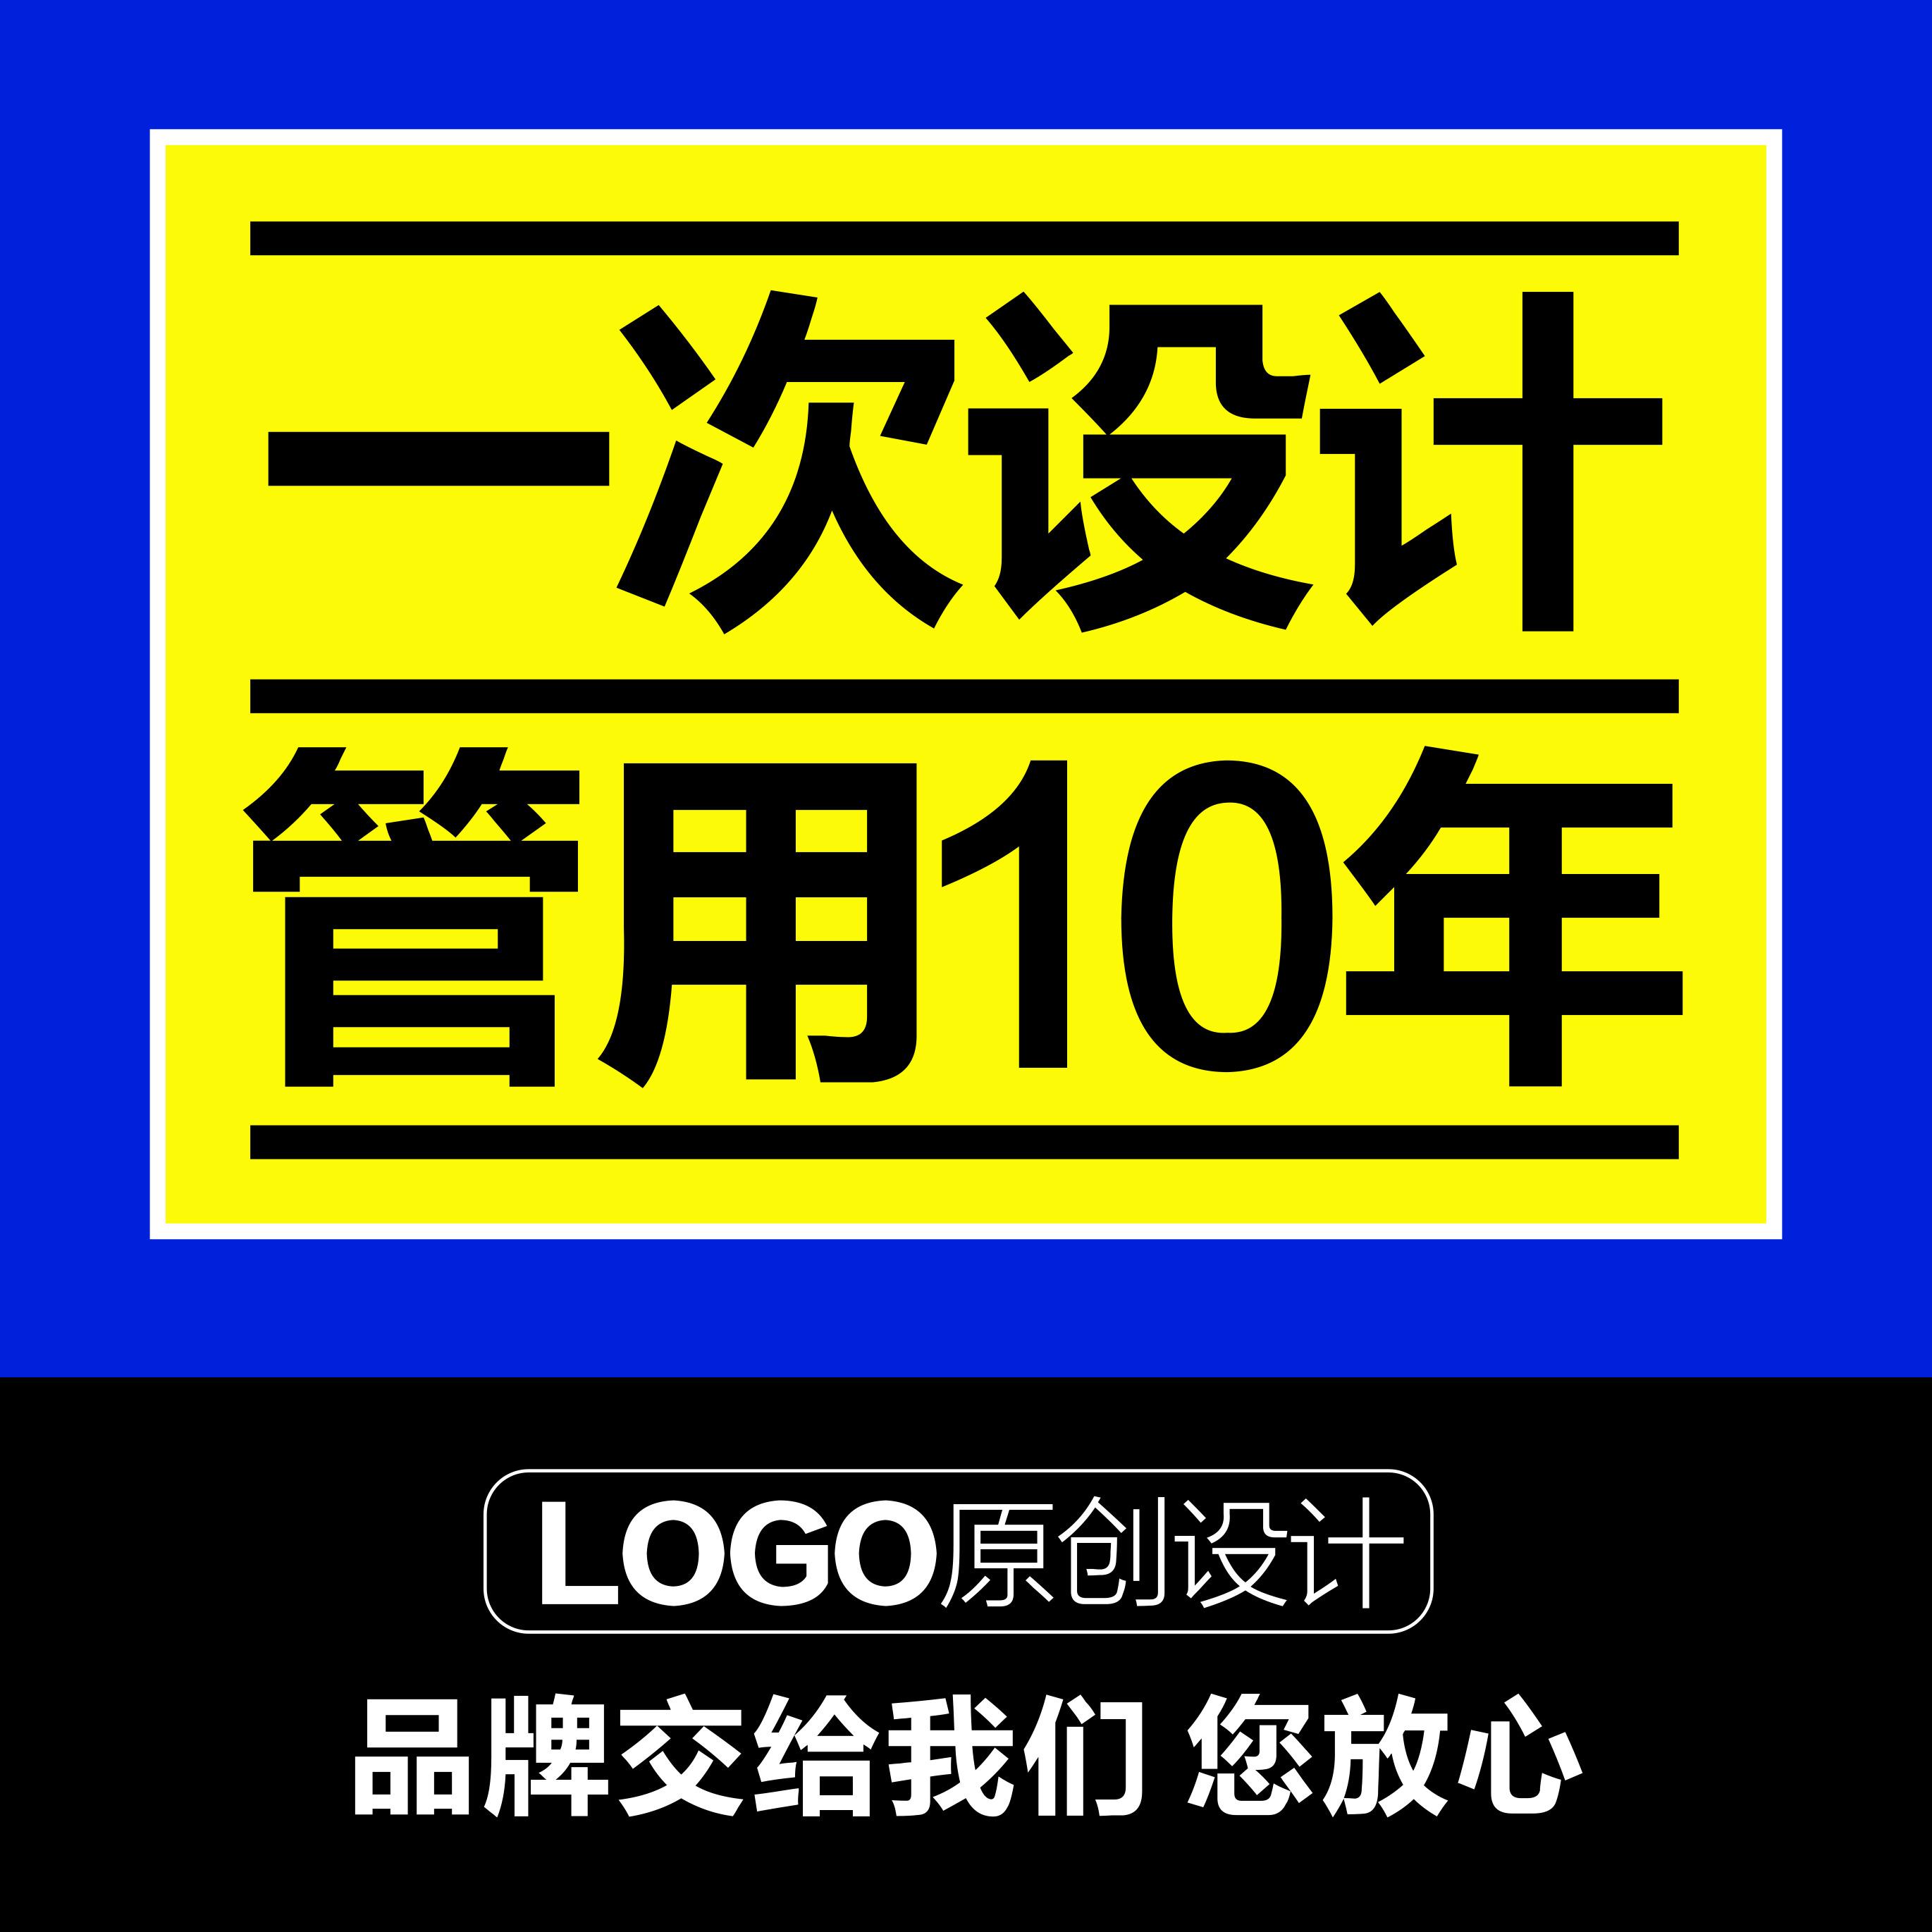 化妆品互联网服装商标设计LOGO字体图标公司VI设计全套标志